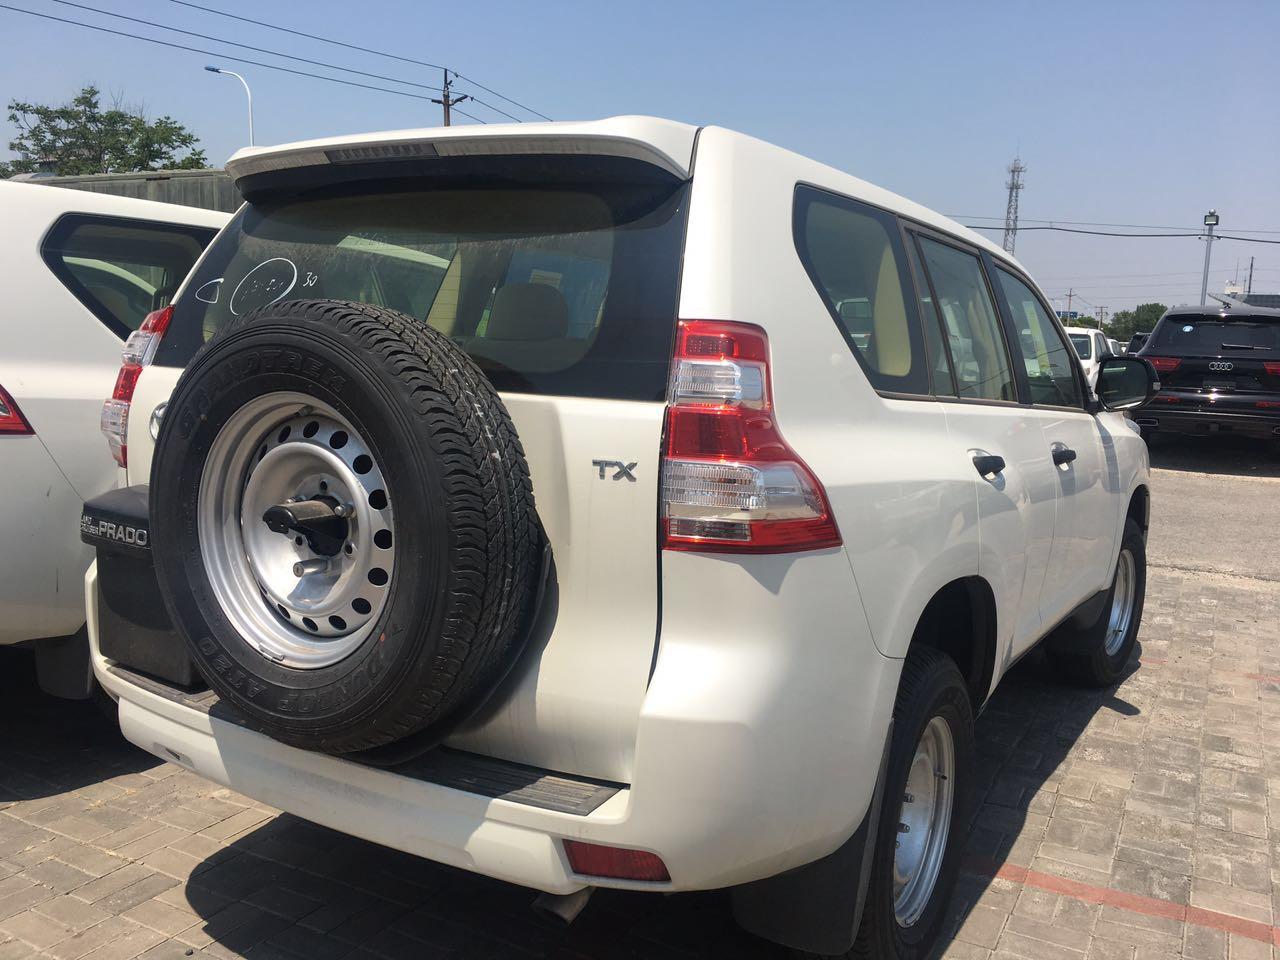 2017款丰田霸道2700丐版 九月裸车出售